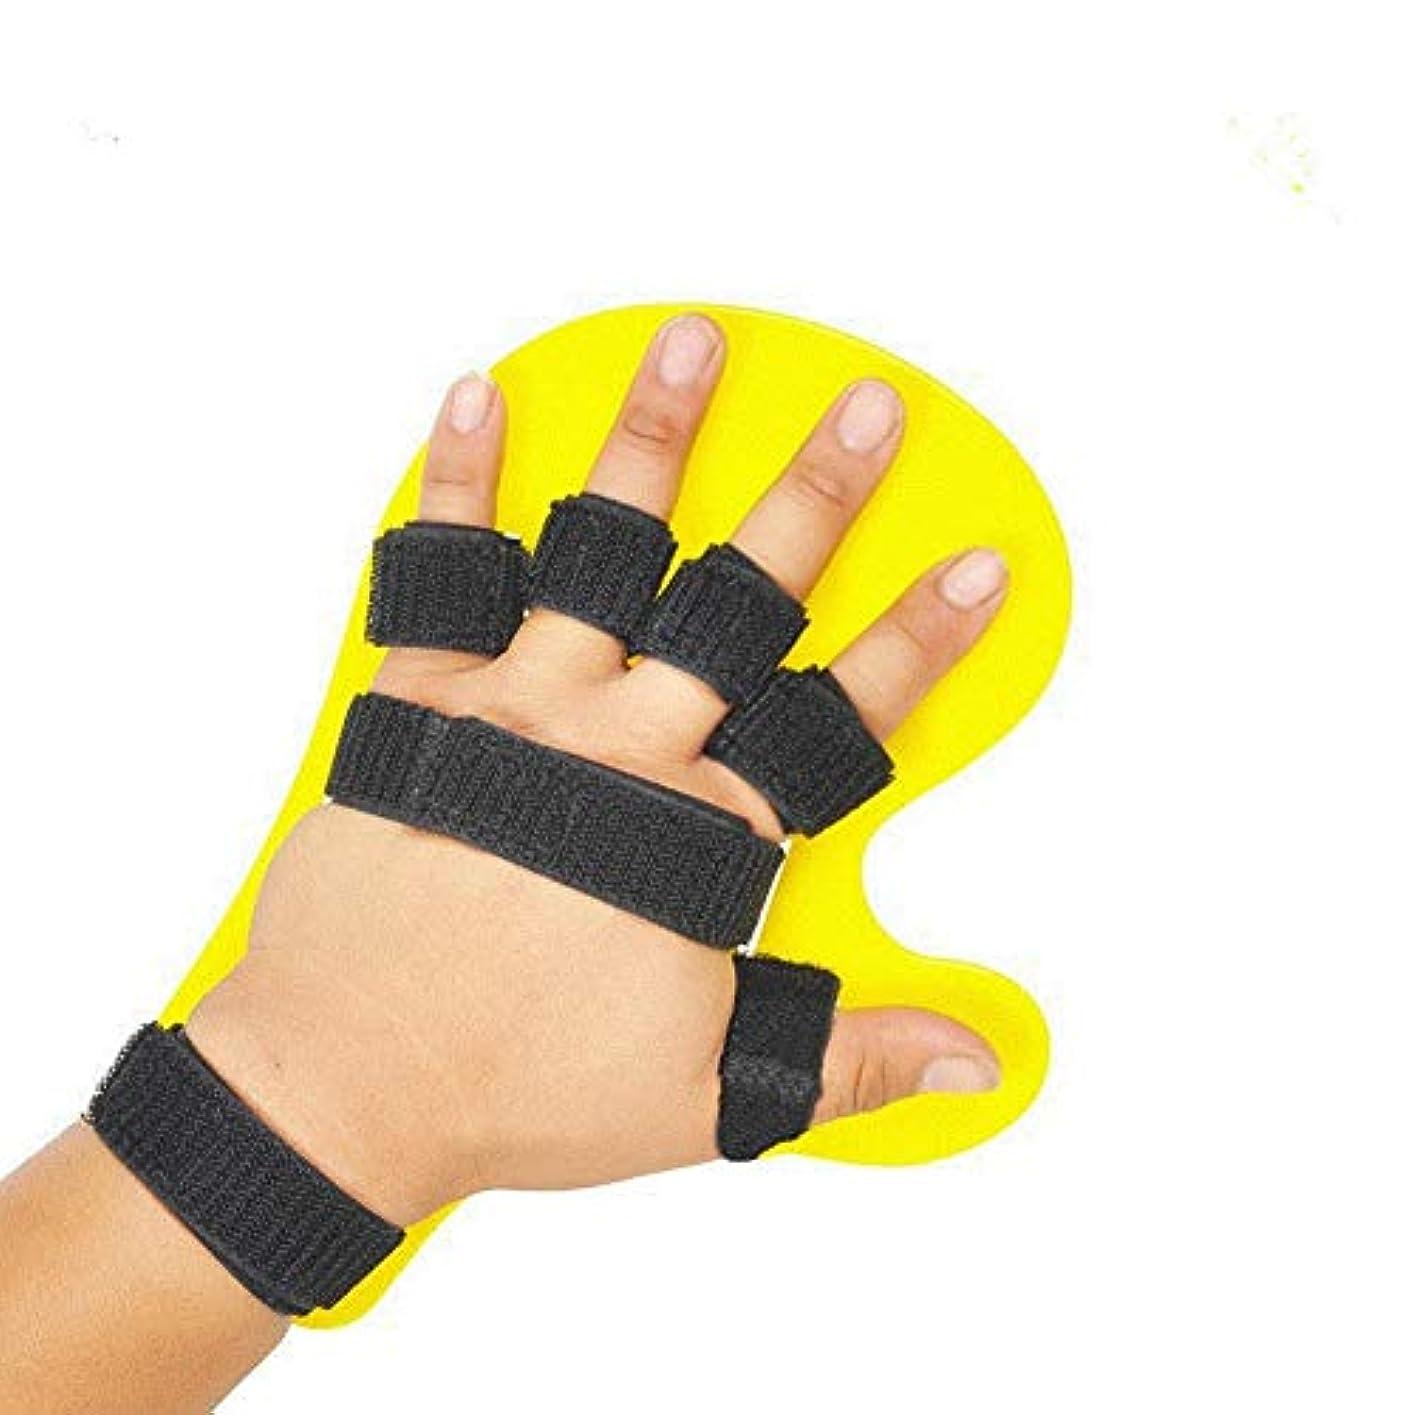 ドーム不倫ベリー調節可能な 成人指板は、筋萎縮を防止します指セパレーター(黄色)